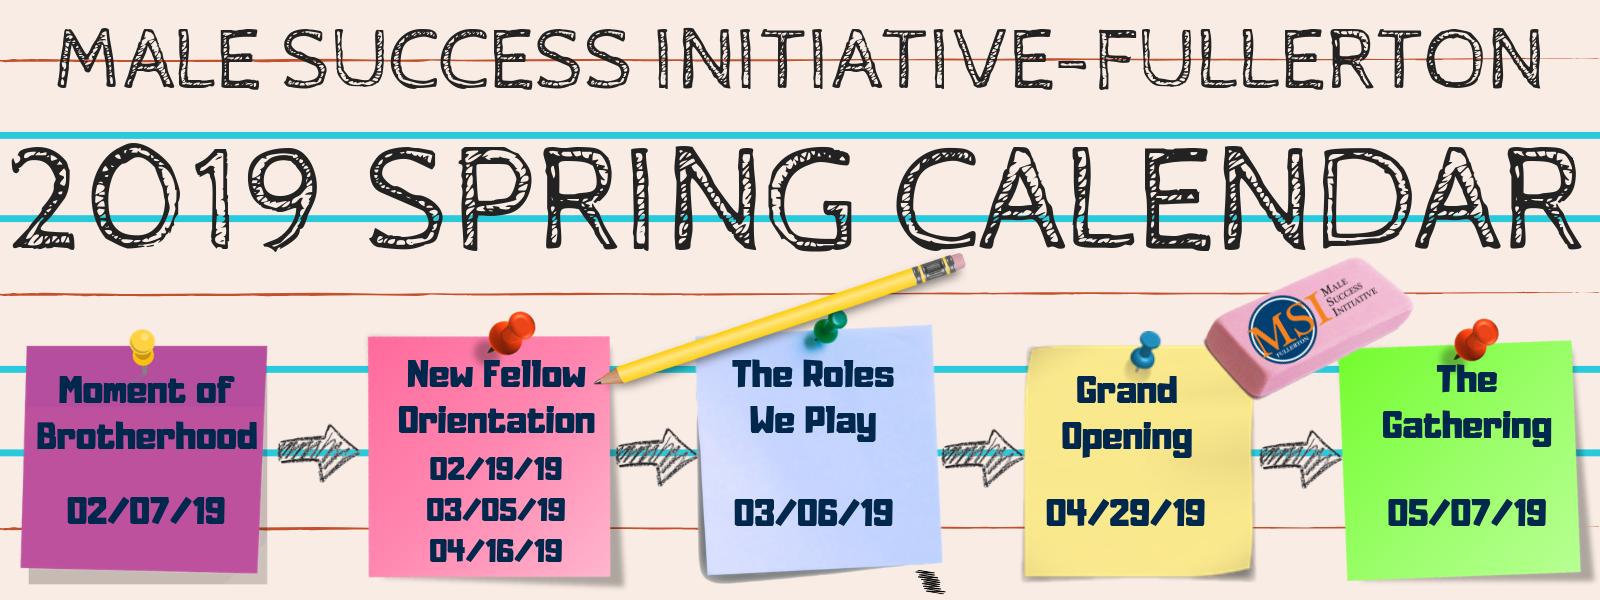 Cal State Fullerton Calendar 2019 Male Success Initiative   Male Success Initiative | CSUF